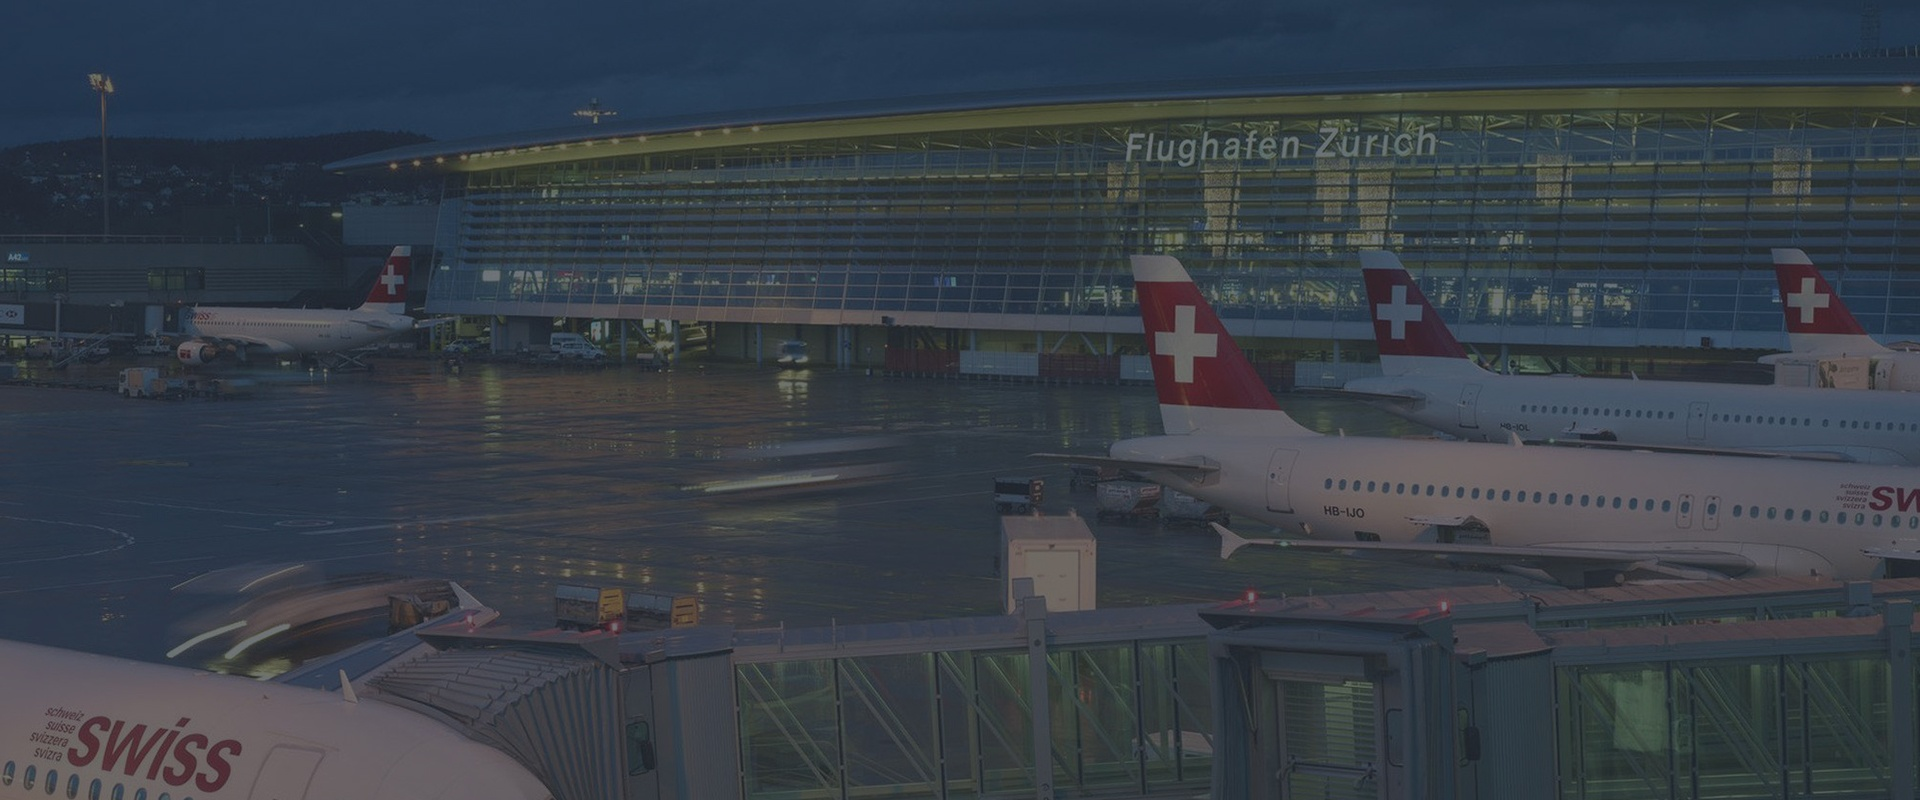 zurich-airport-header.jpg